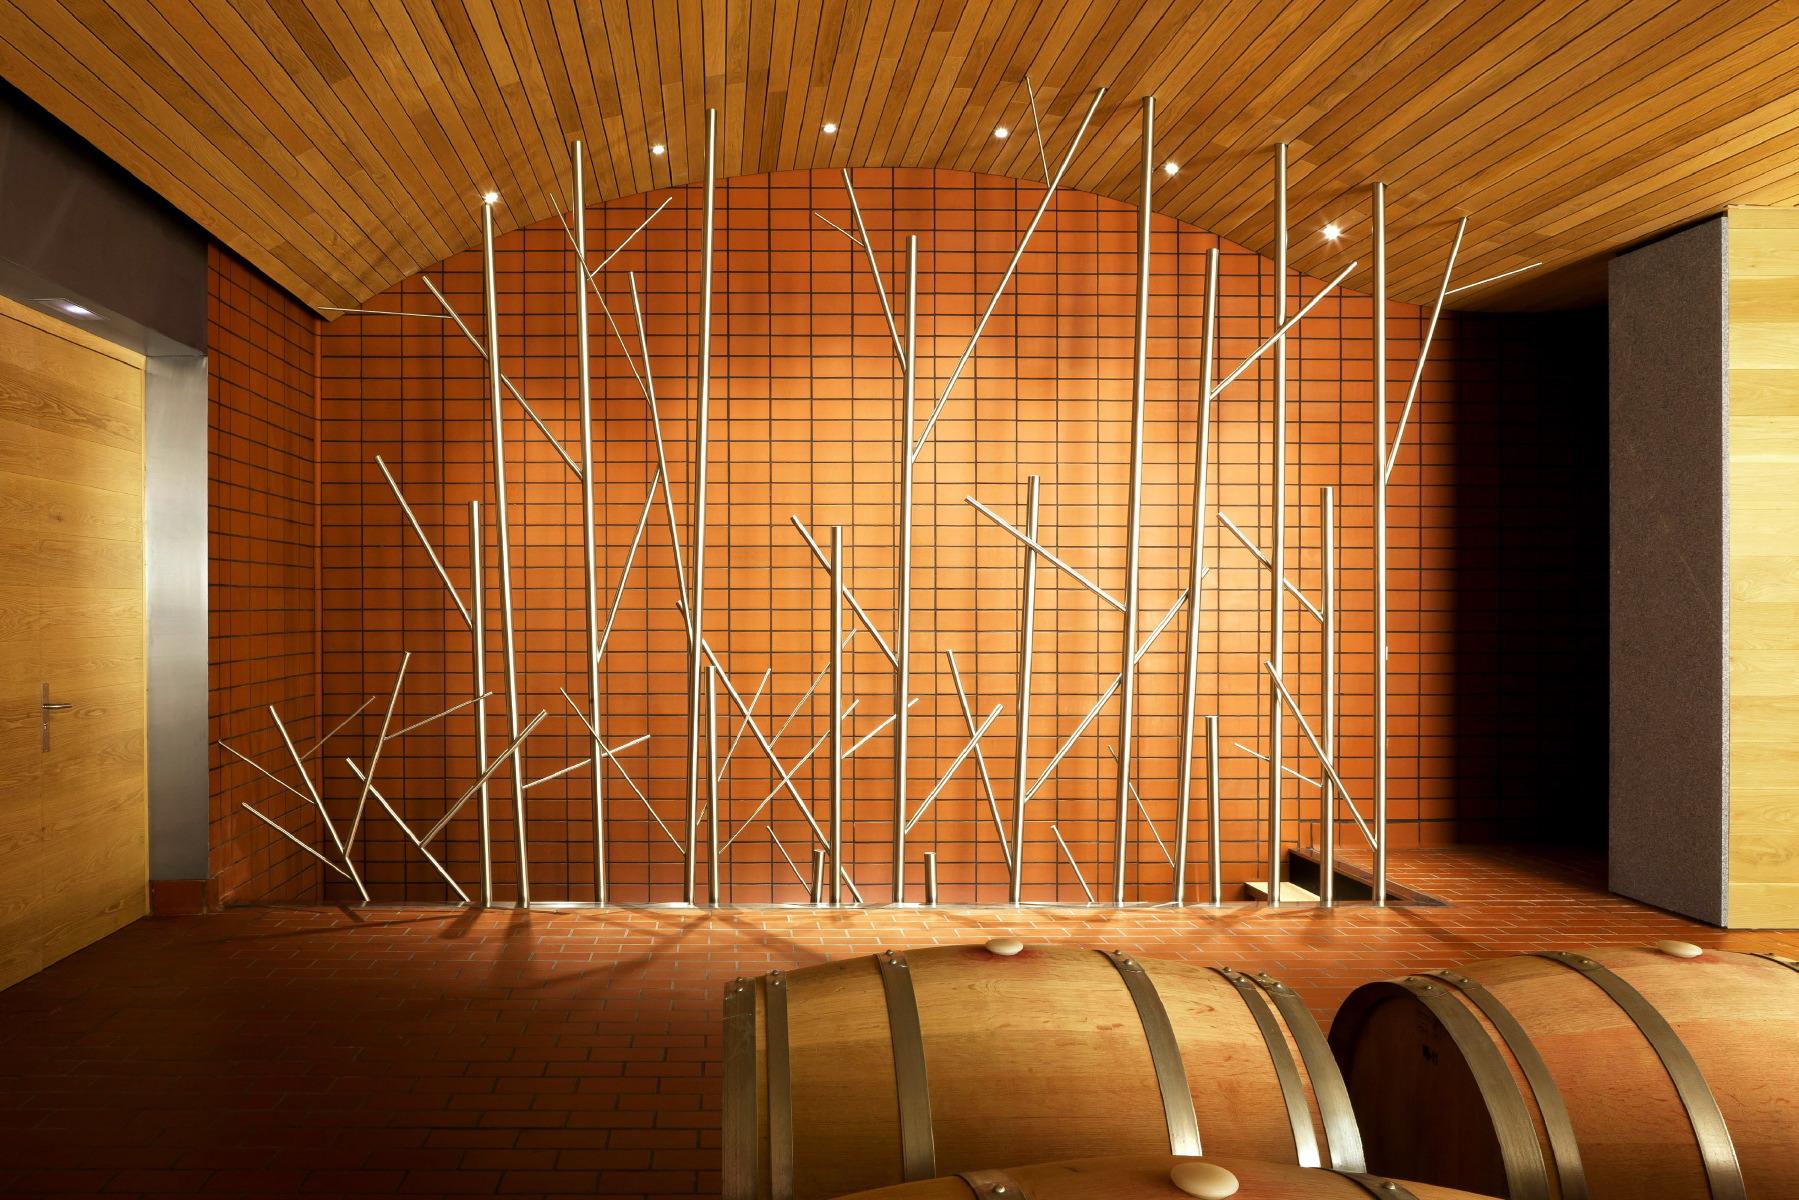 Salas studio,vega sicilia,rafael vargas photo,D.O. ribera de duero